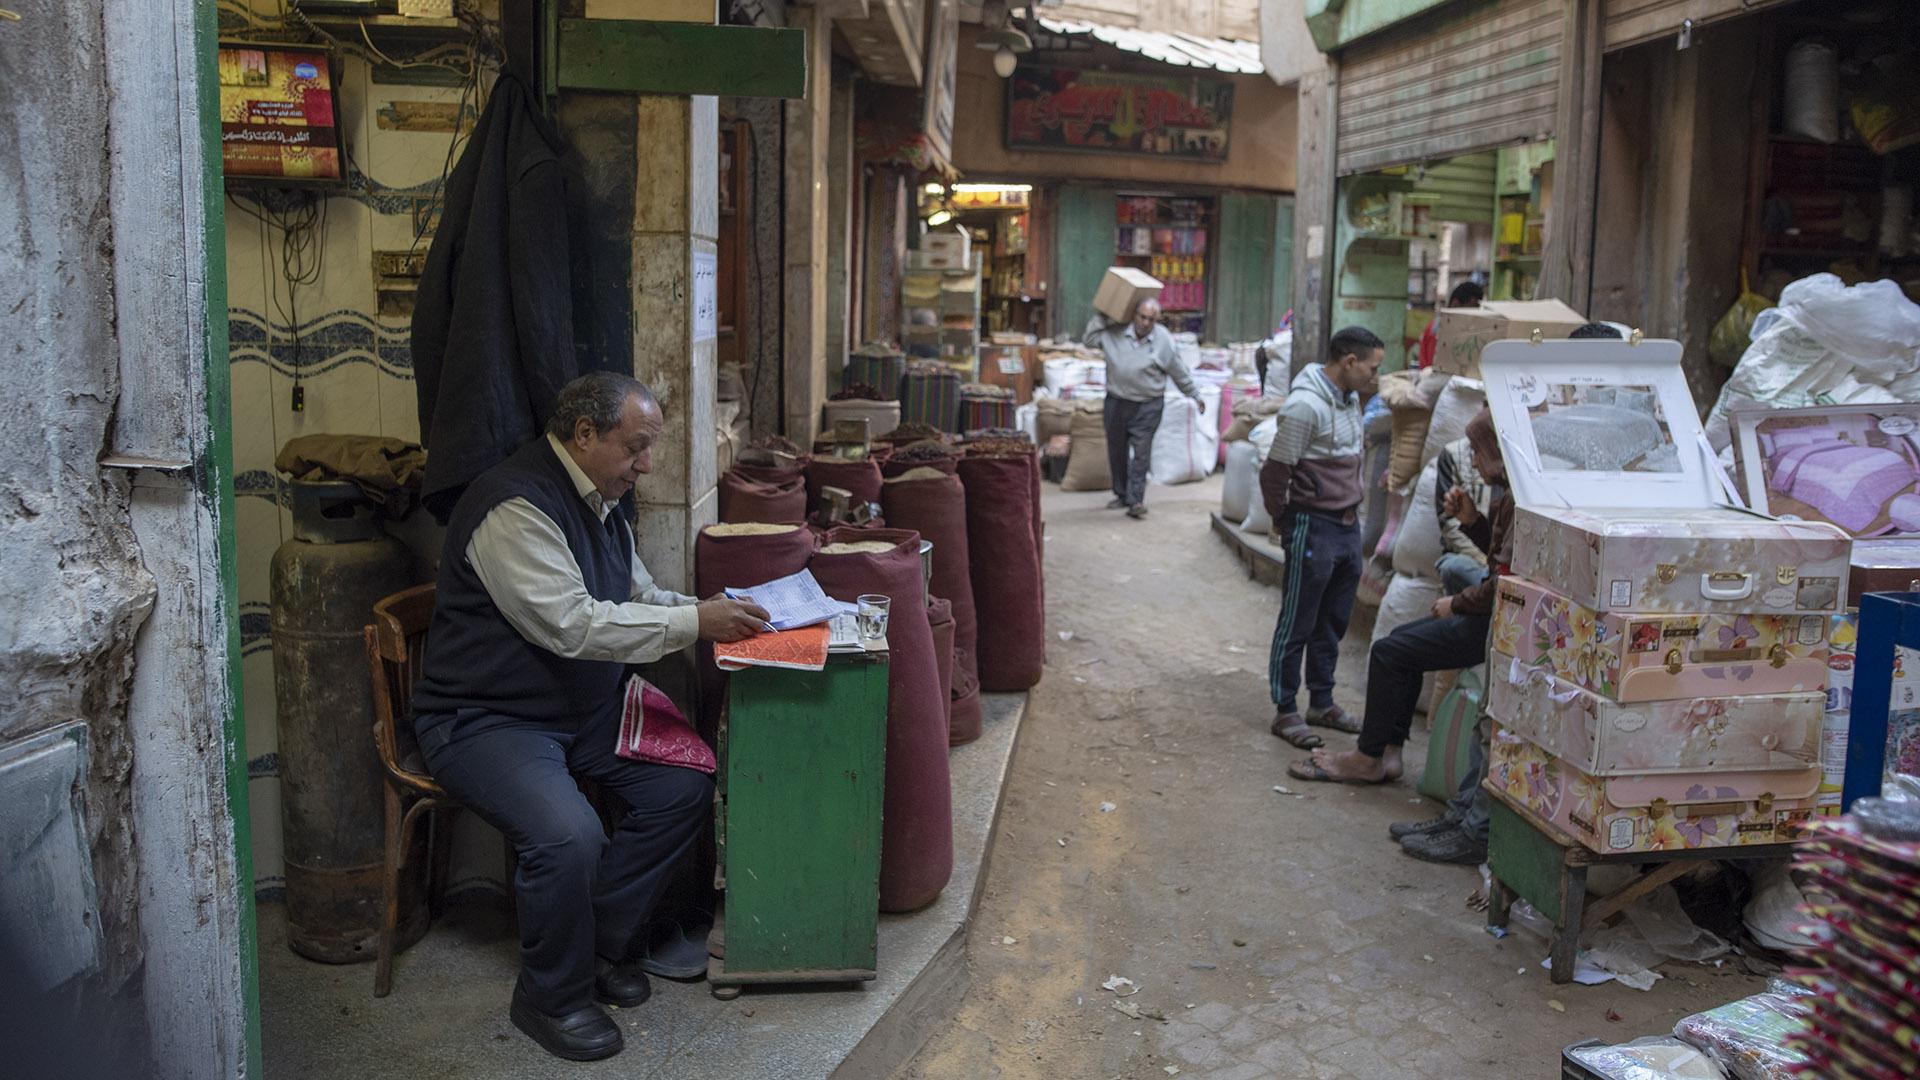 20190111 Cairo 236